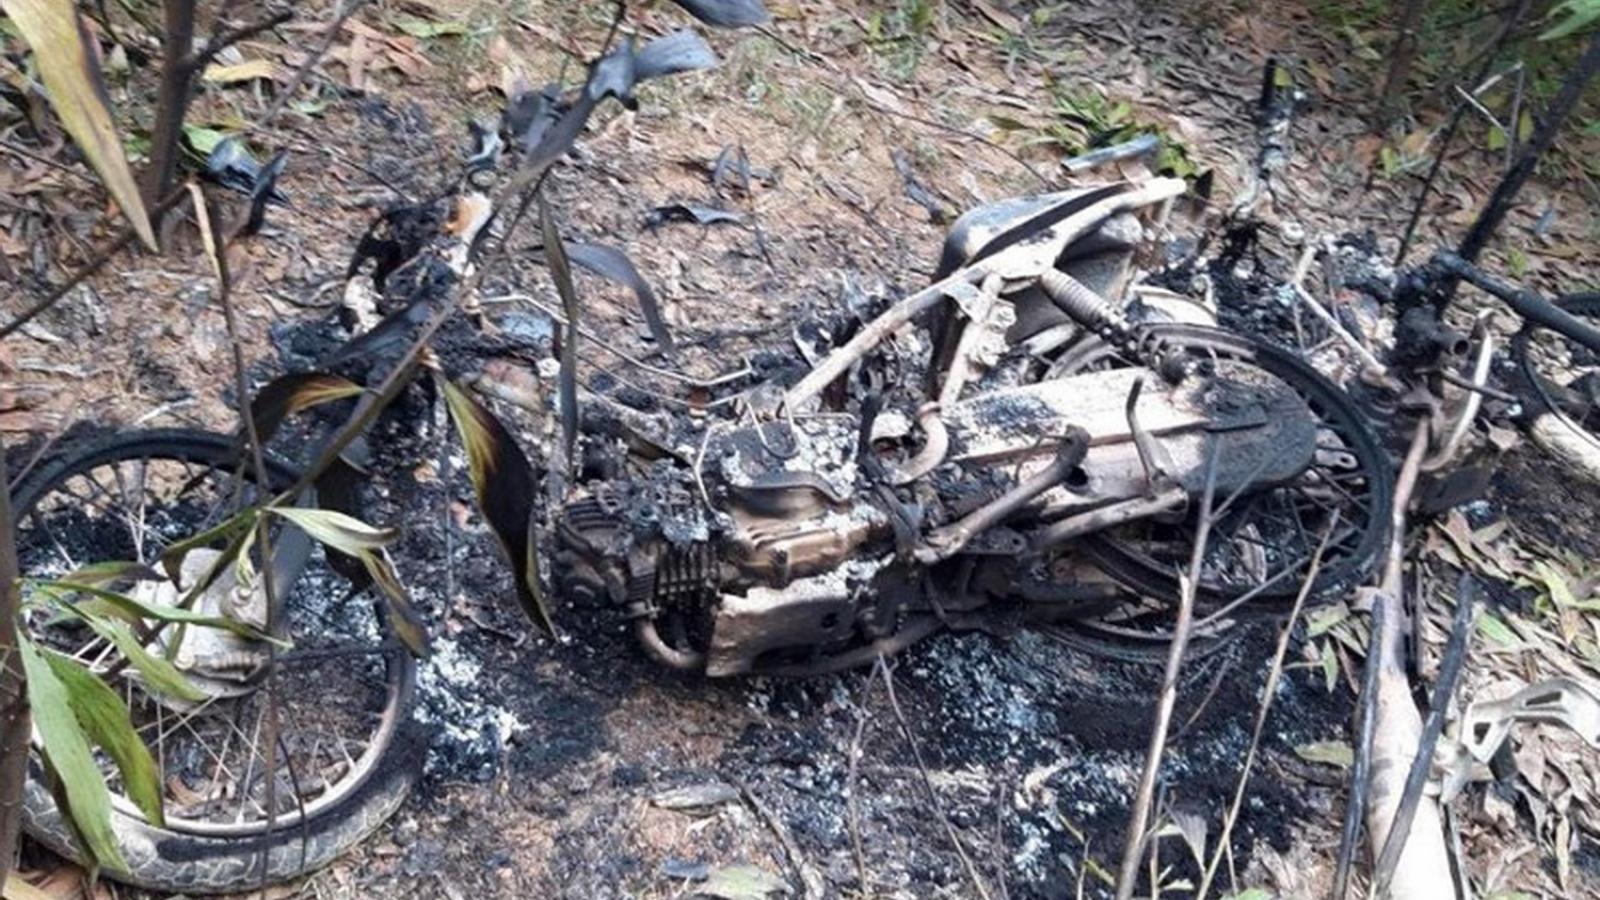 Bắt giữ nhóm người đốt cháy 5 xe máy của cán bộ bảo vệ rừng